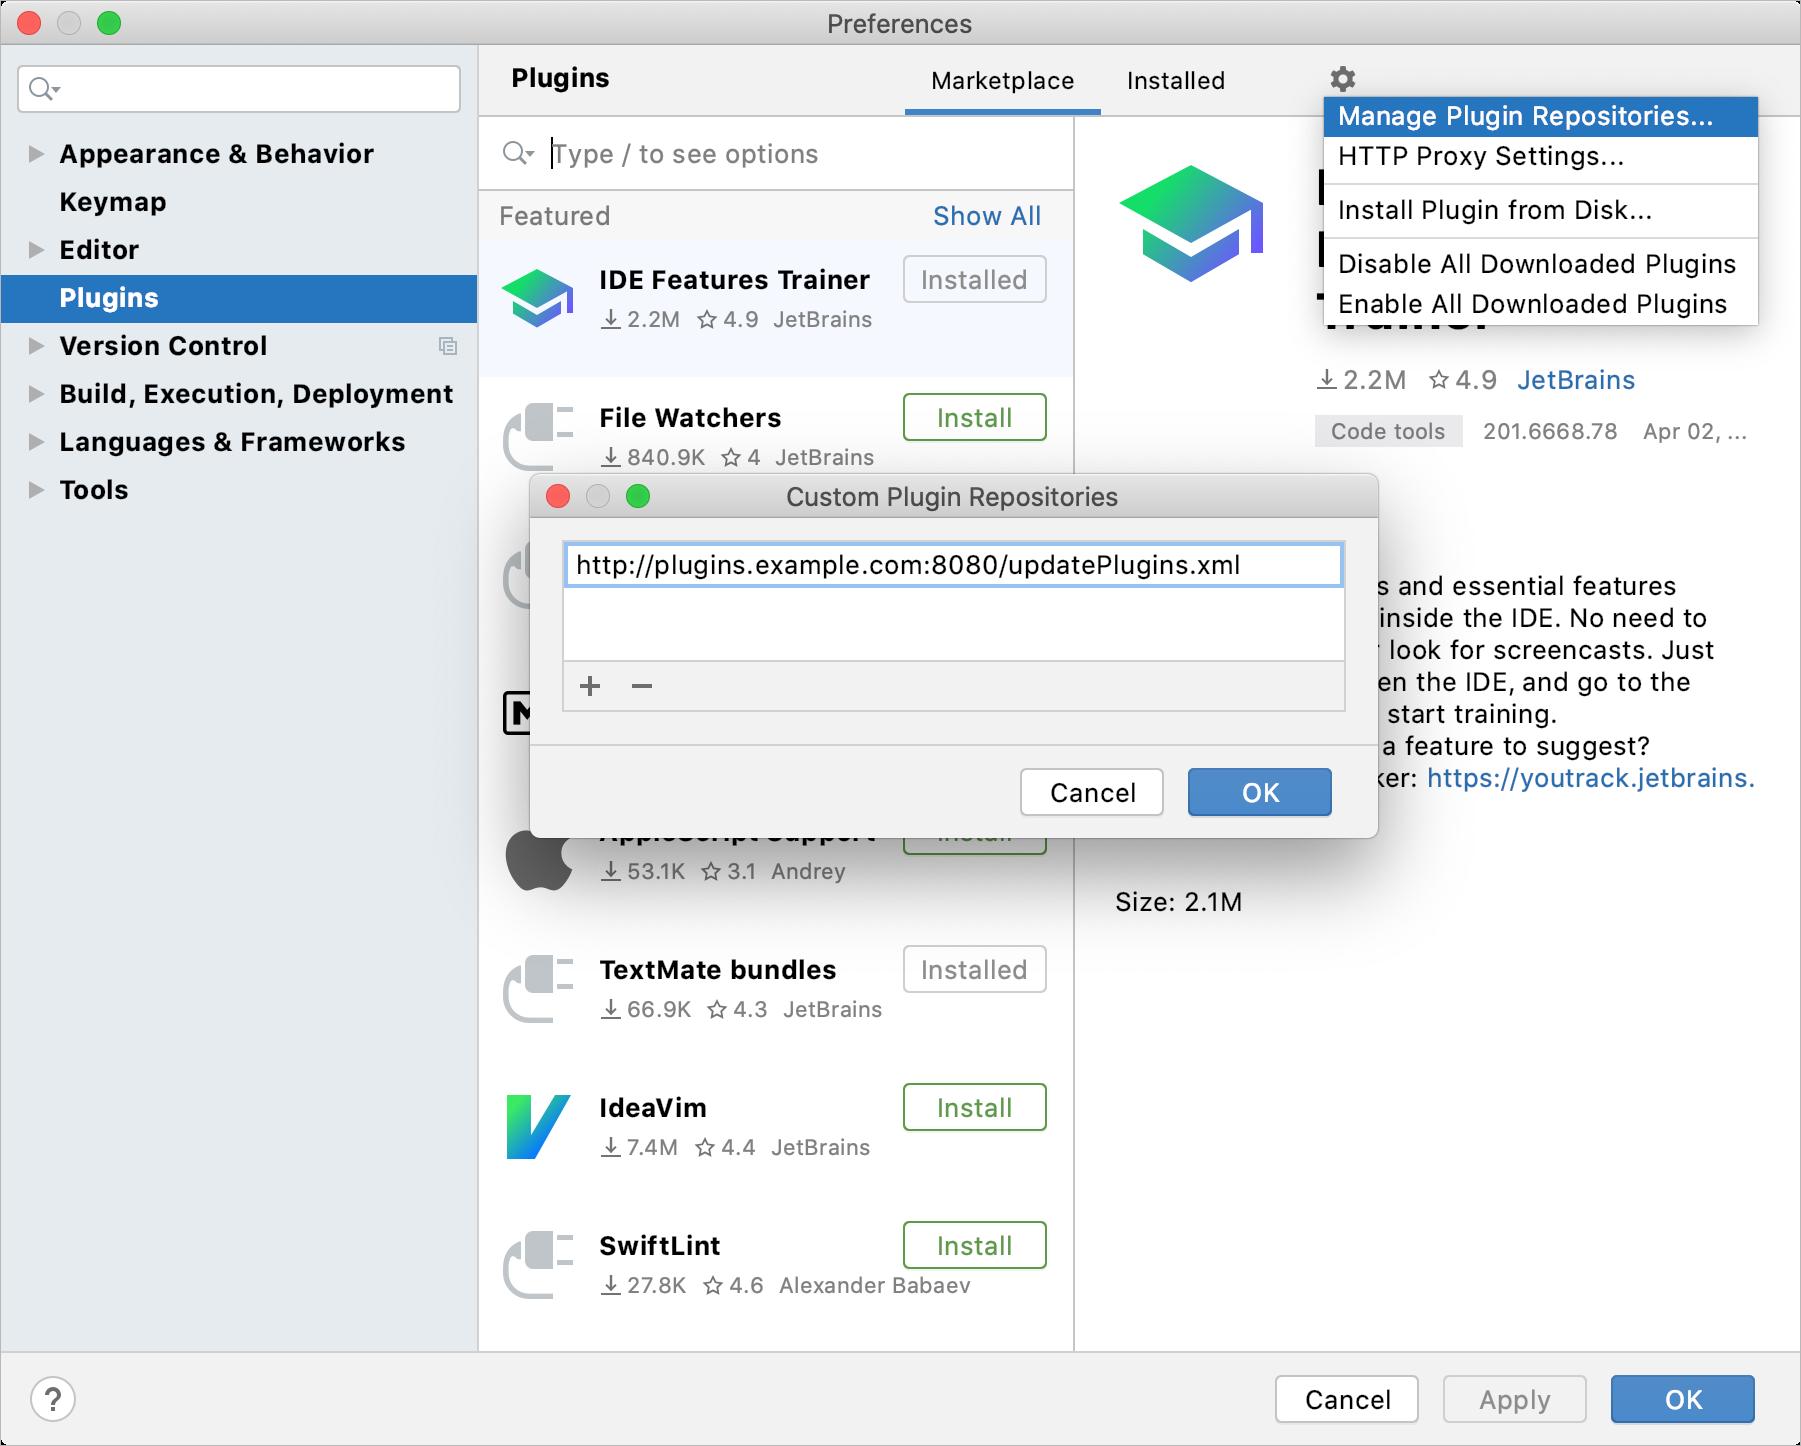 How to add a custom plugin repository